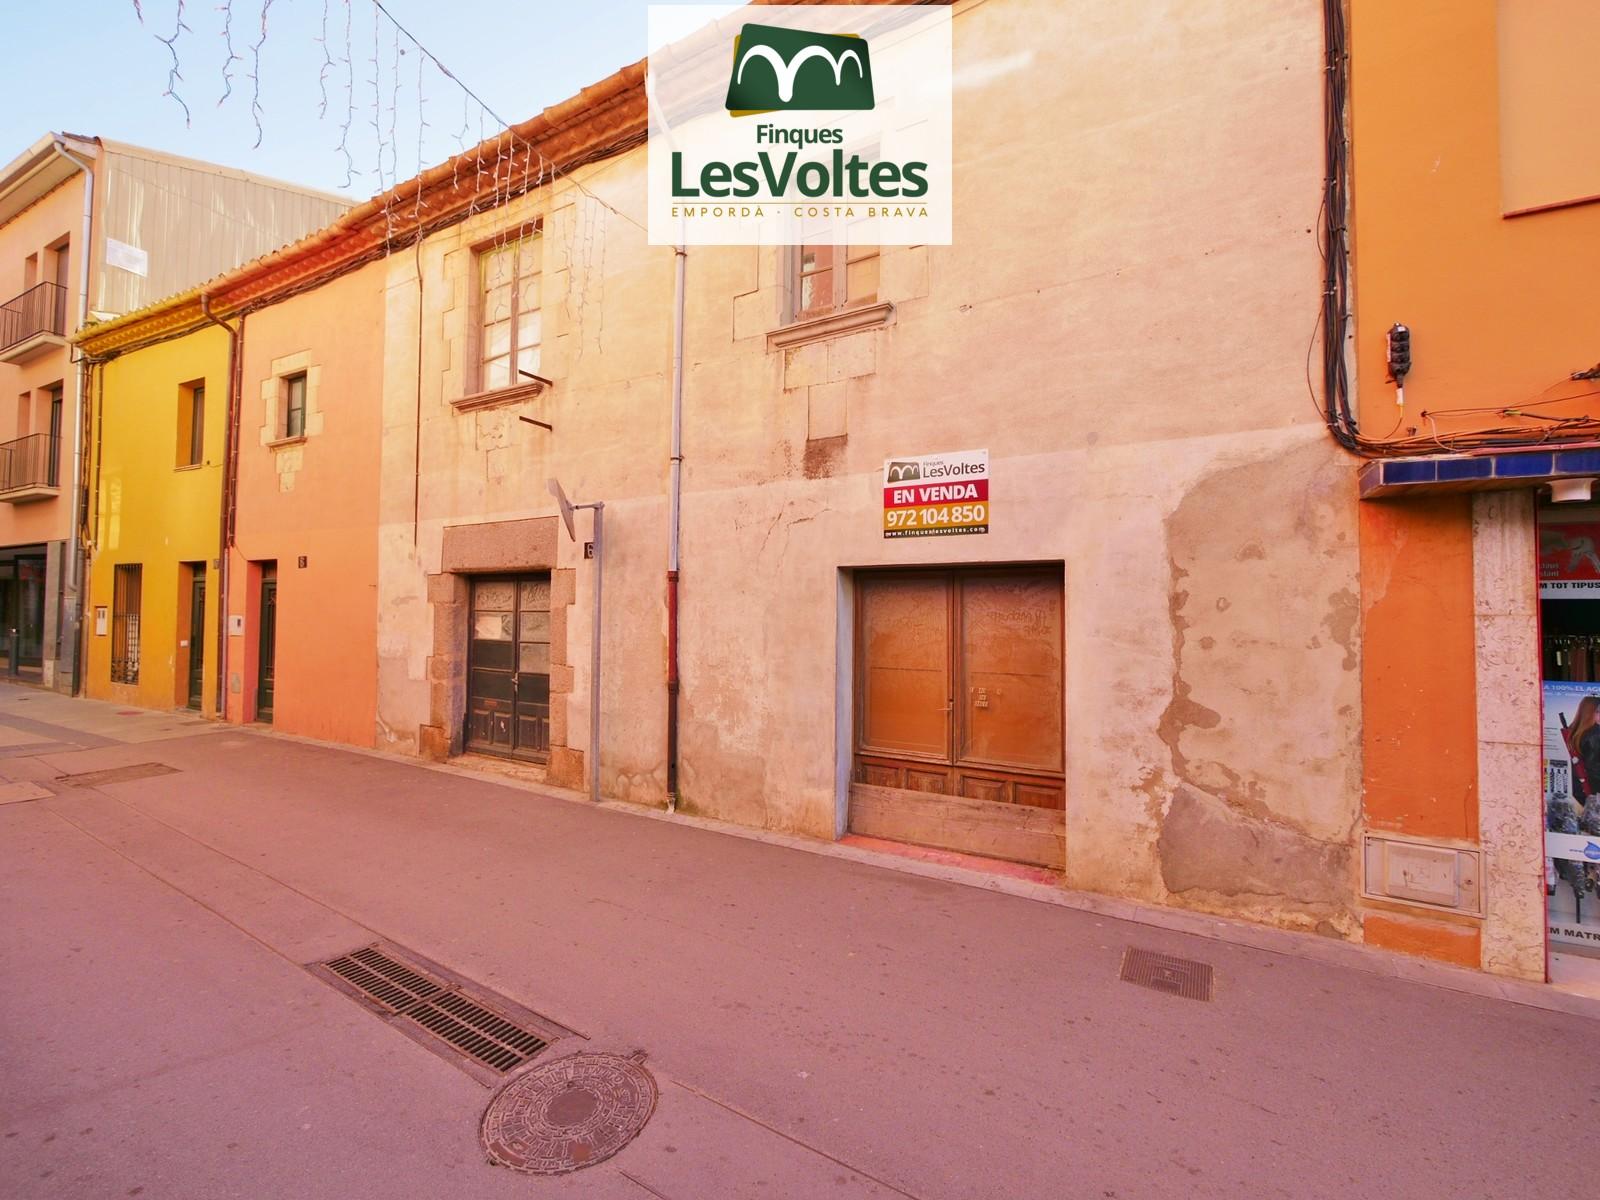 Gran finca amb entrada a dos carrers en venda al centre de Palafrugell. Immillorable situació.